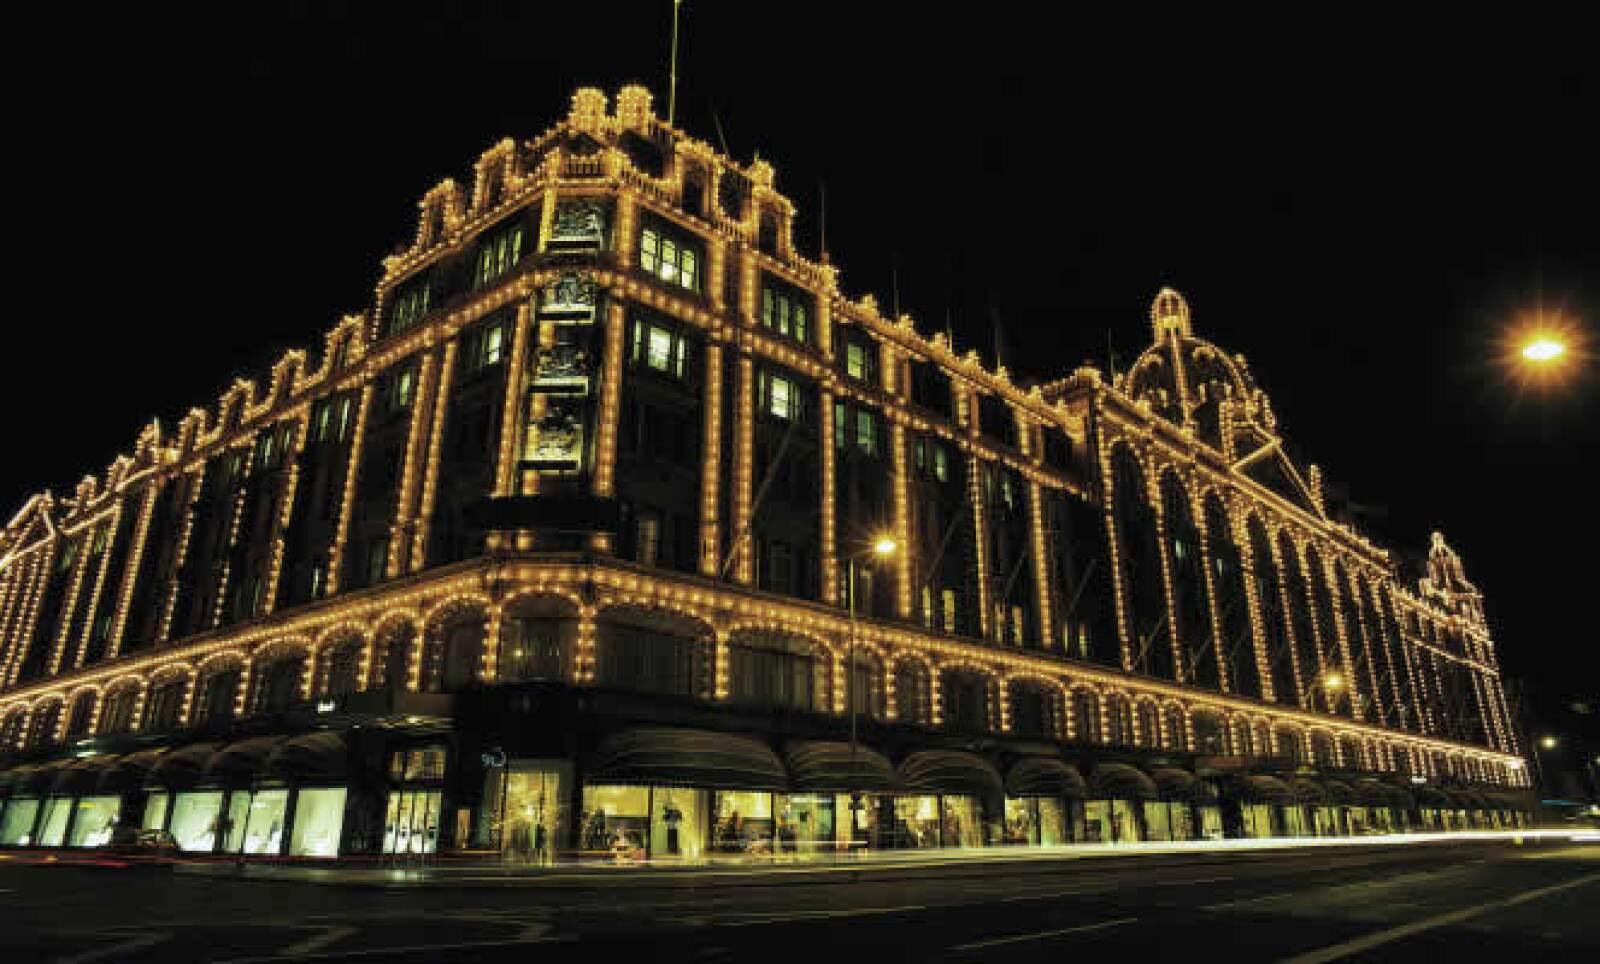 Construida en 1834, esta tienda departamental de lujo posee más de 330 departamentos a lo largo de sus 18,000 metros cuadrados. En octubre de 2009, la tienda empezó a vender barras de oro de hasta 12.5 kg.